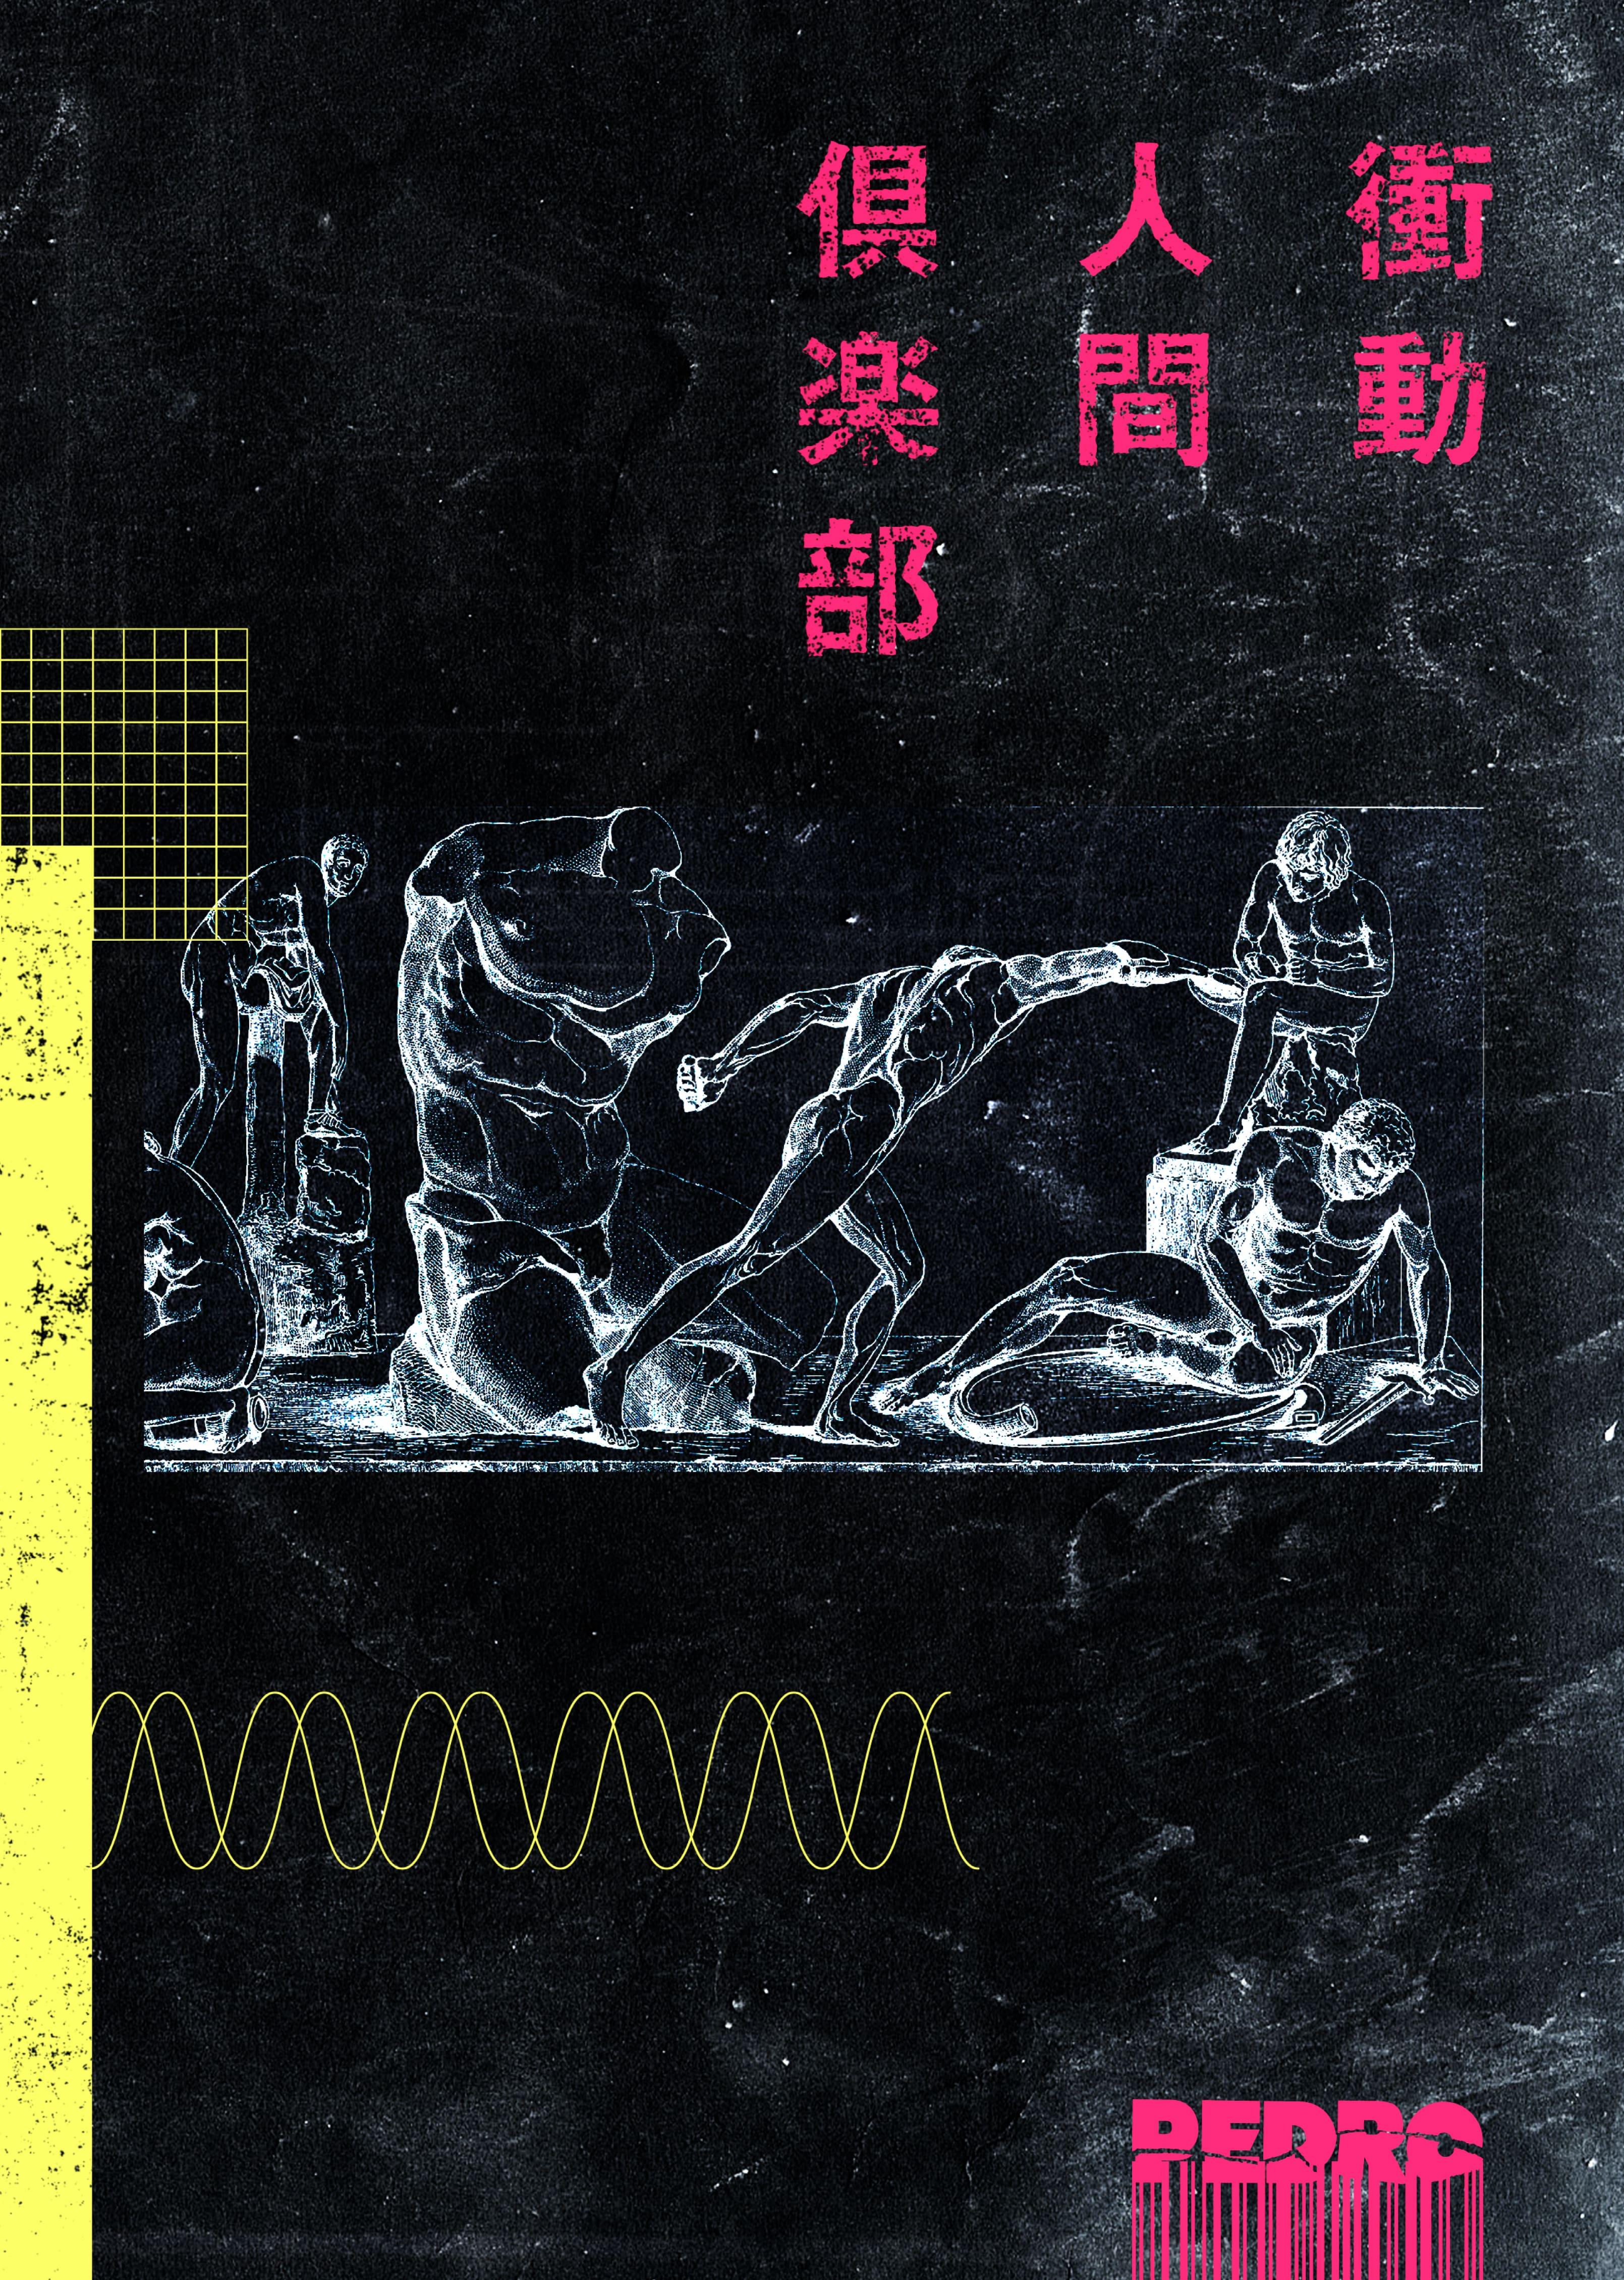 衝動人間倶楽部<span>[初回生産限定盤 BOX仕様] </span>